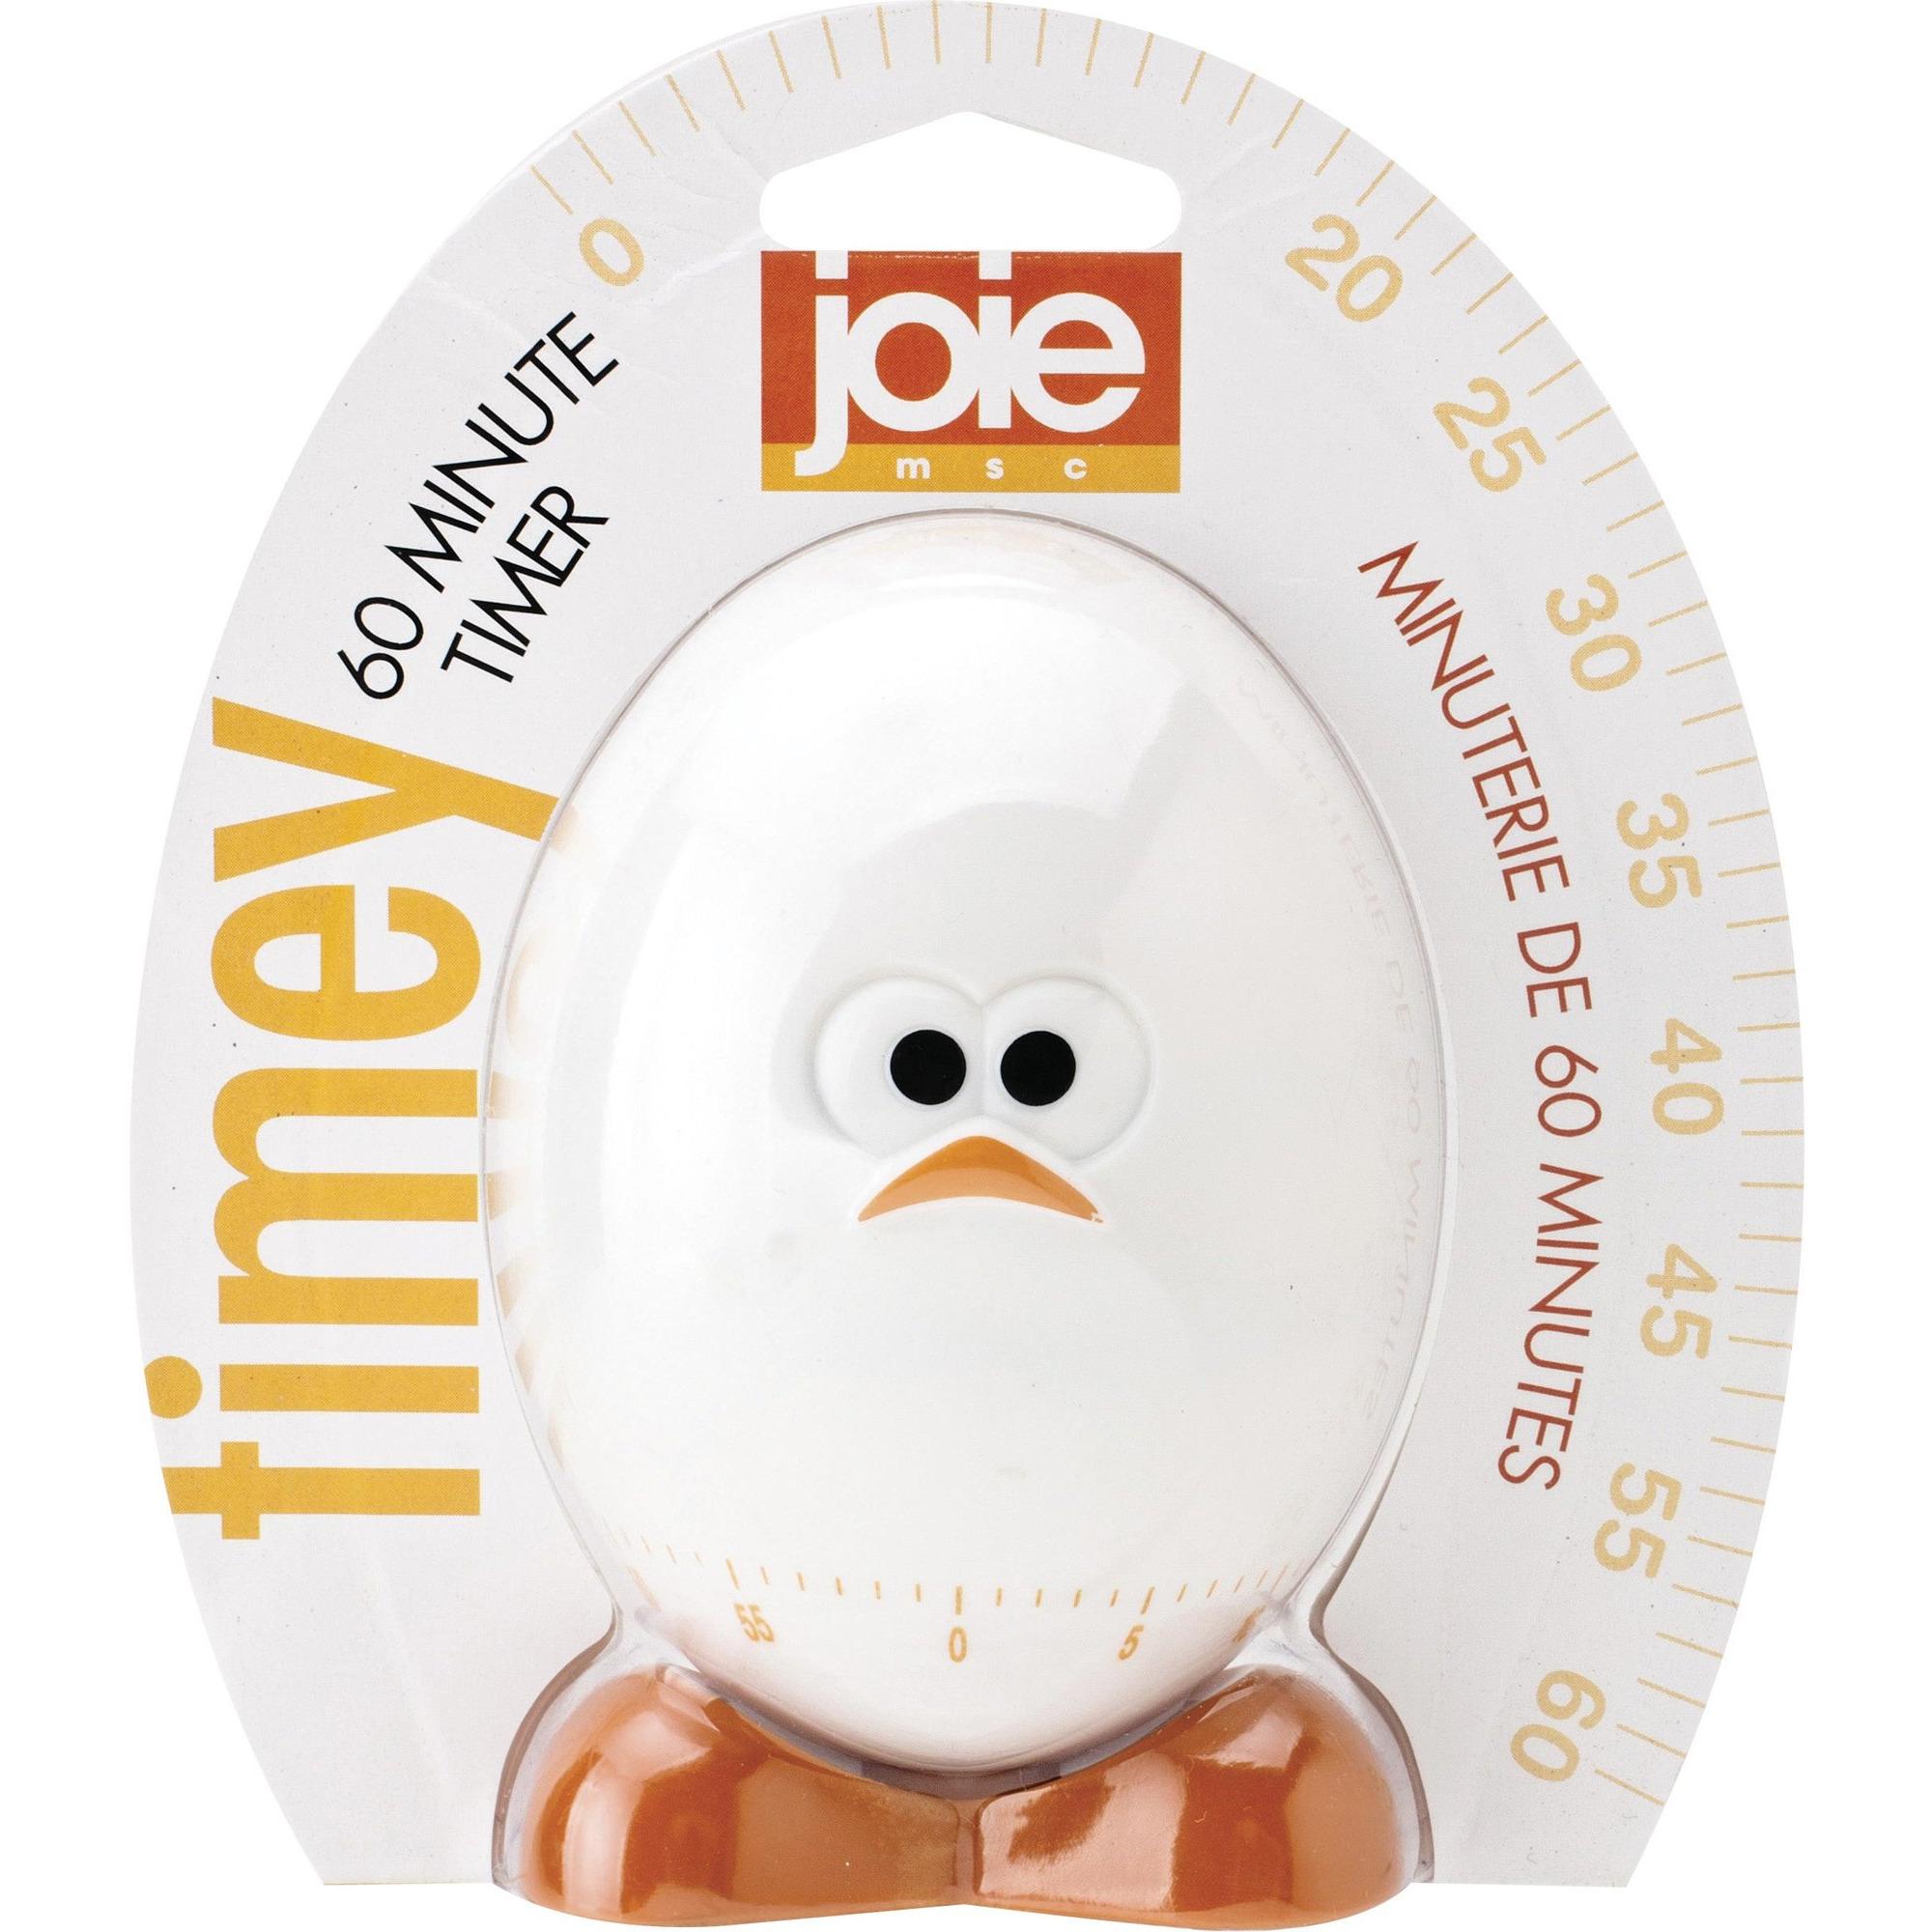 Joie Äggtimer Mekanisk Ägget